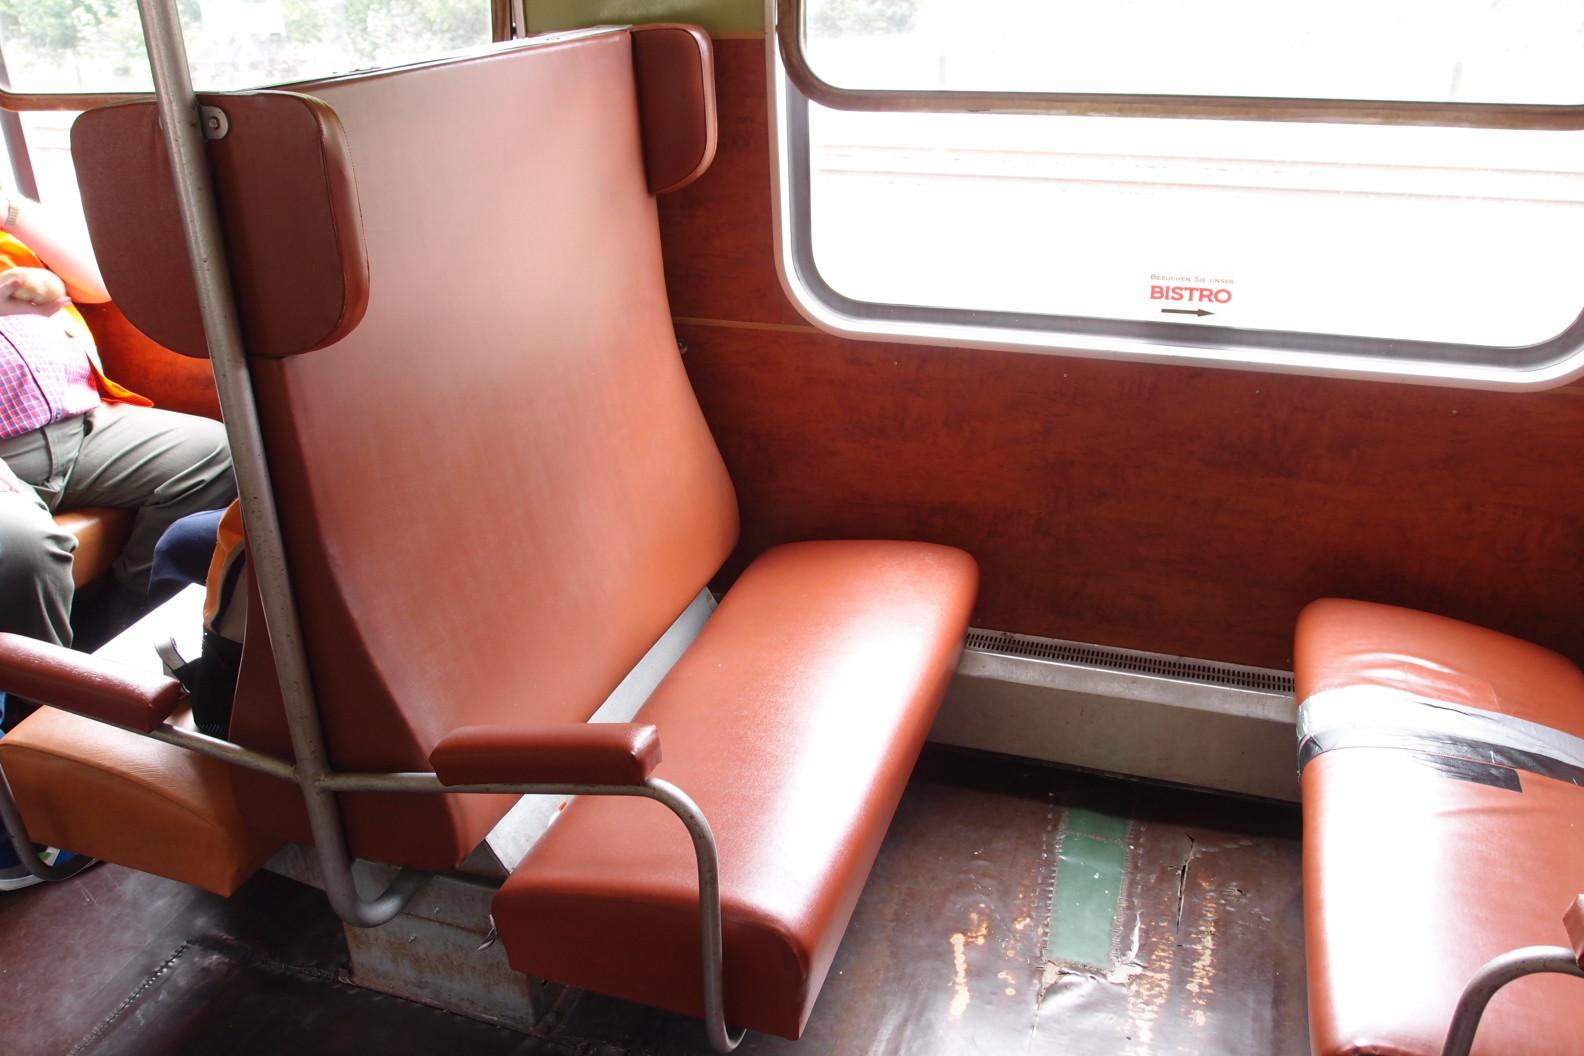 Sitzplätze im Reko-Wagen